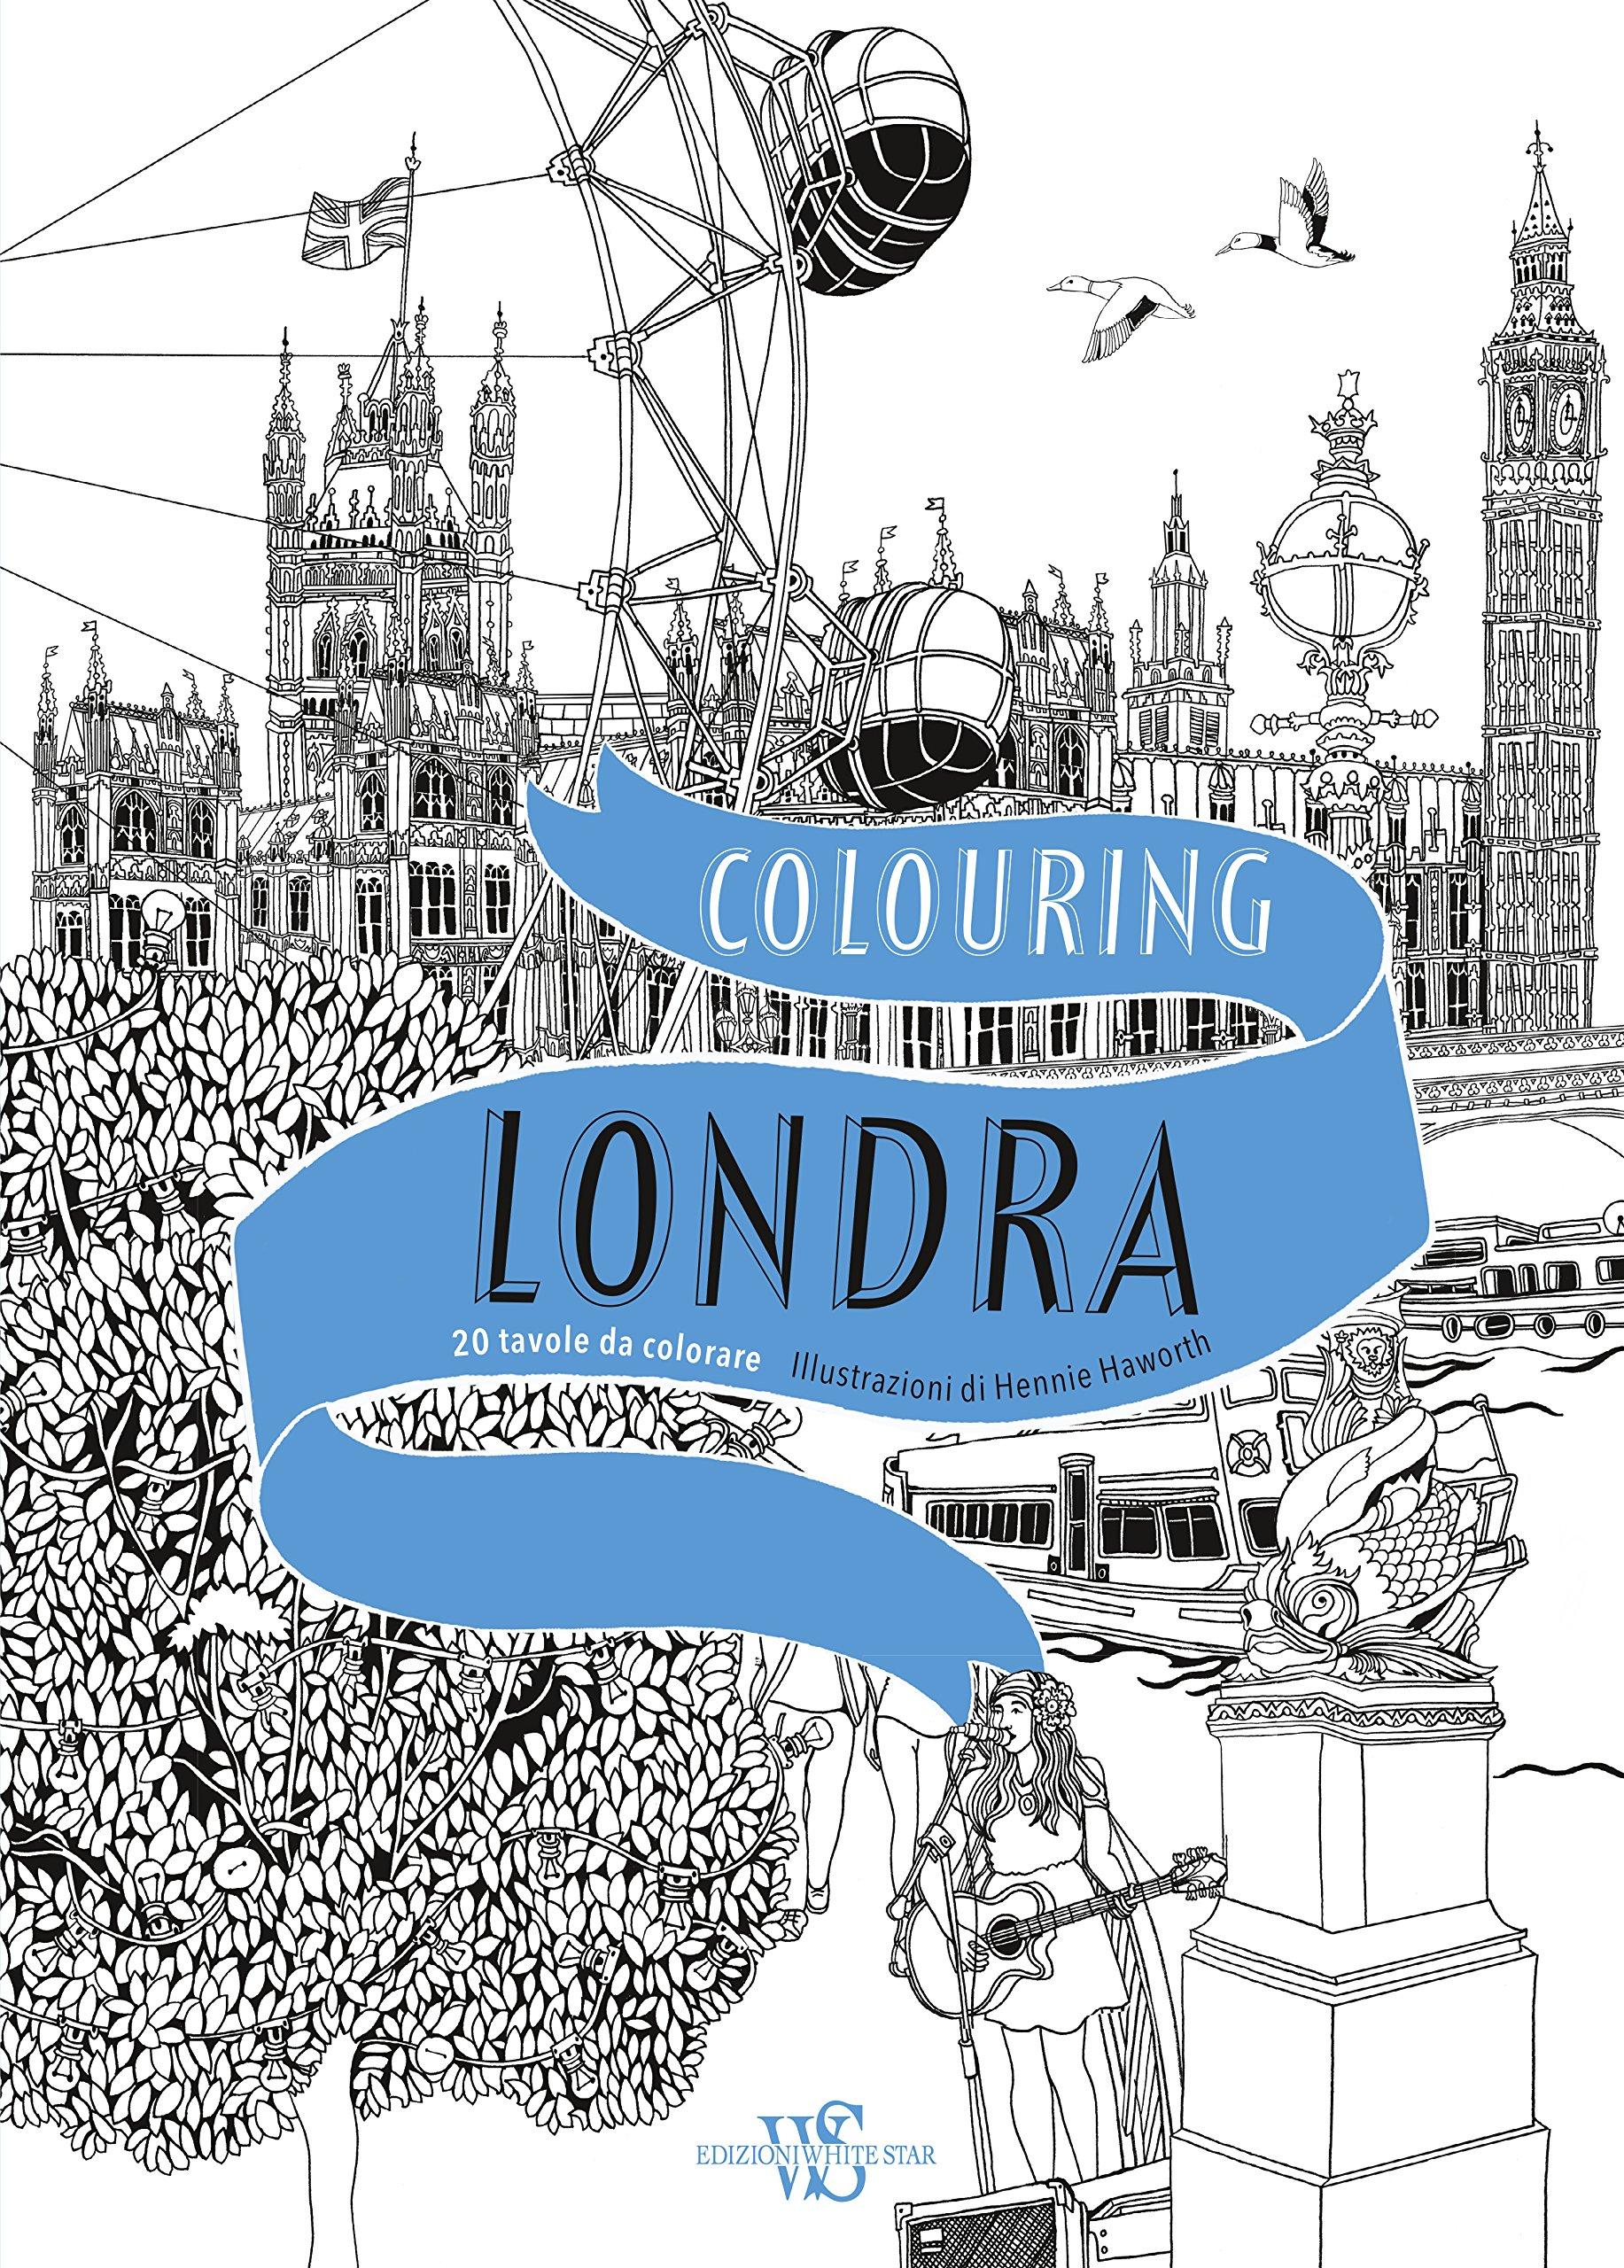 Immagini Di Londra Da Colorare.Colouring Londra 20 Tavole Da Colorare Haworth Hennie